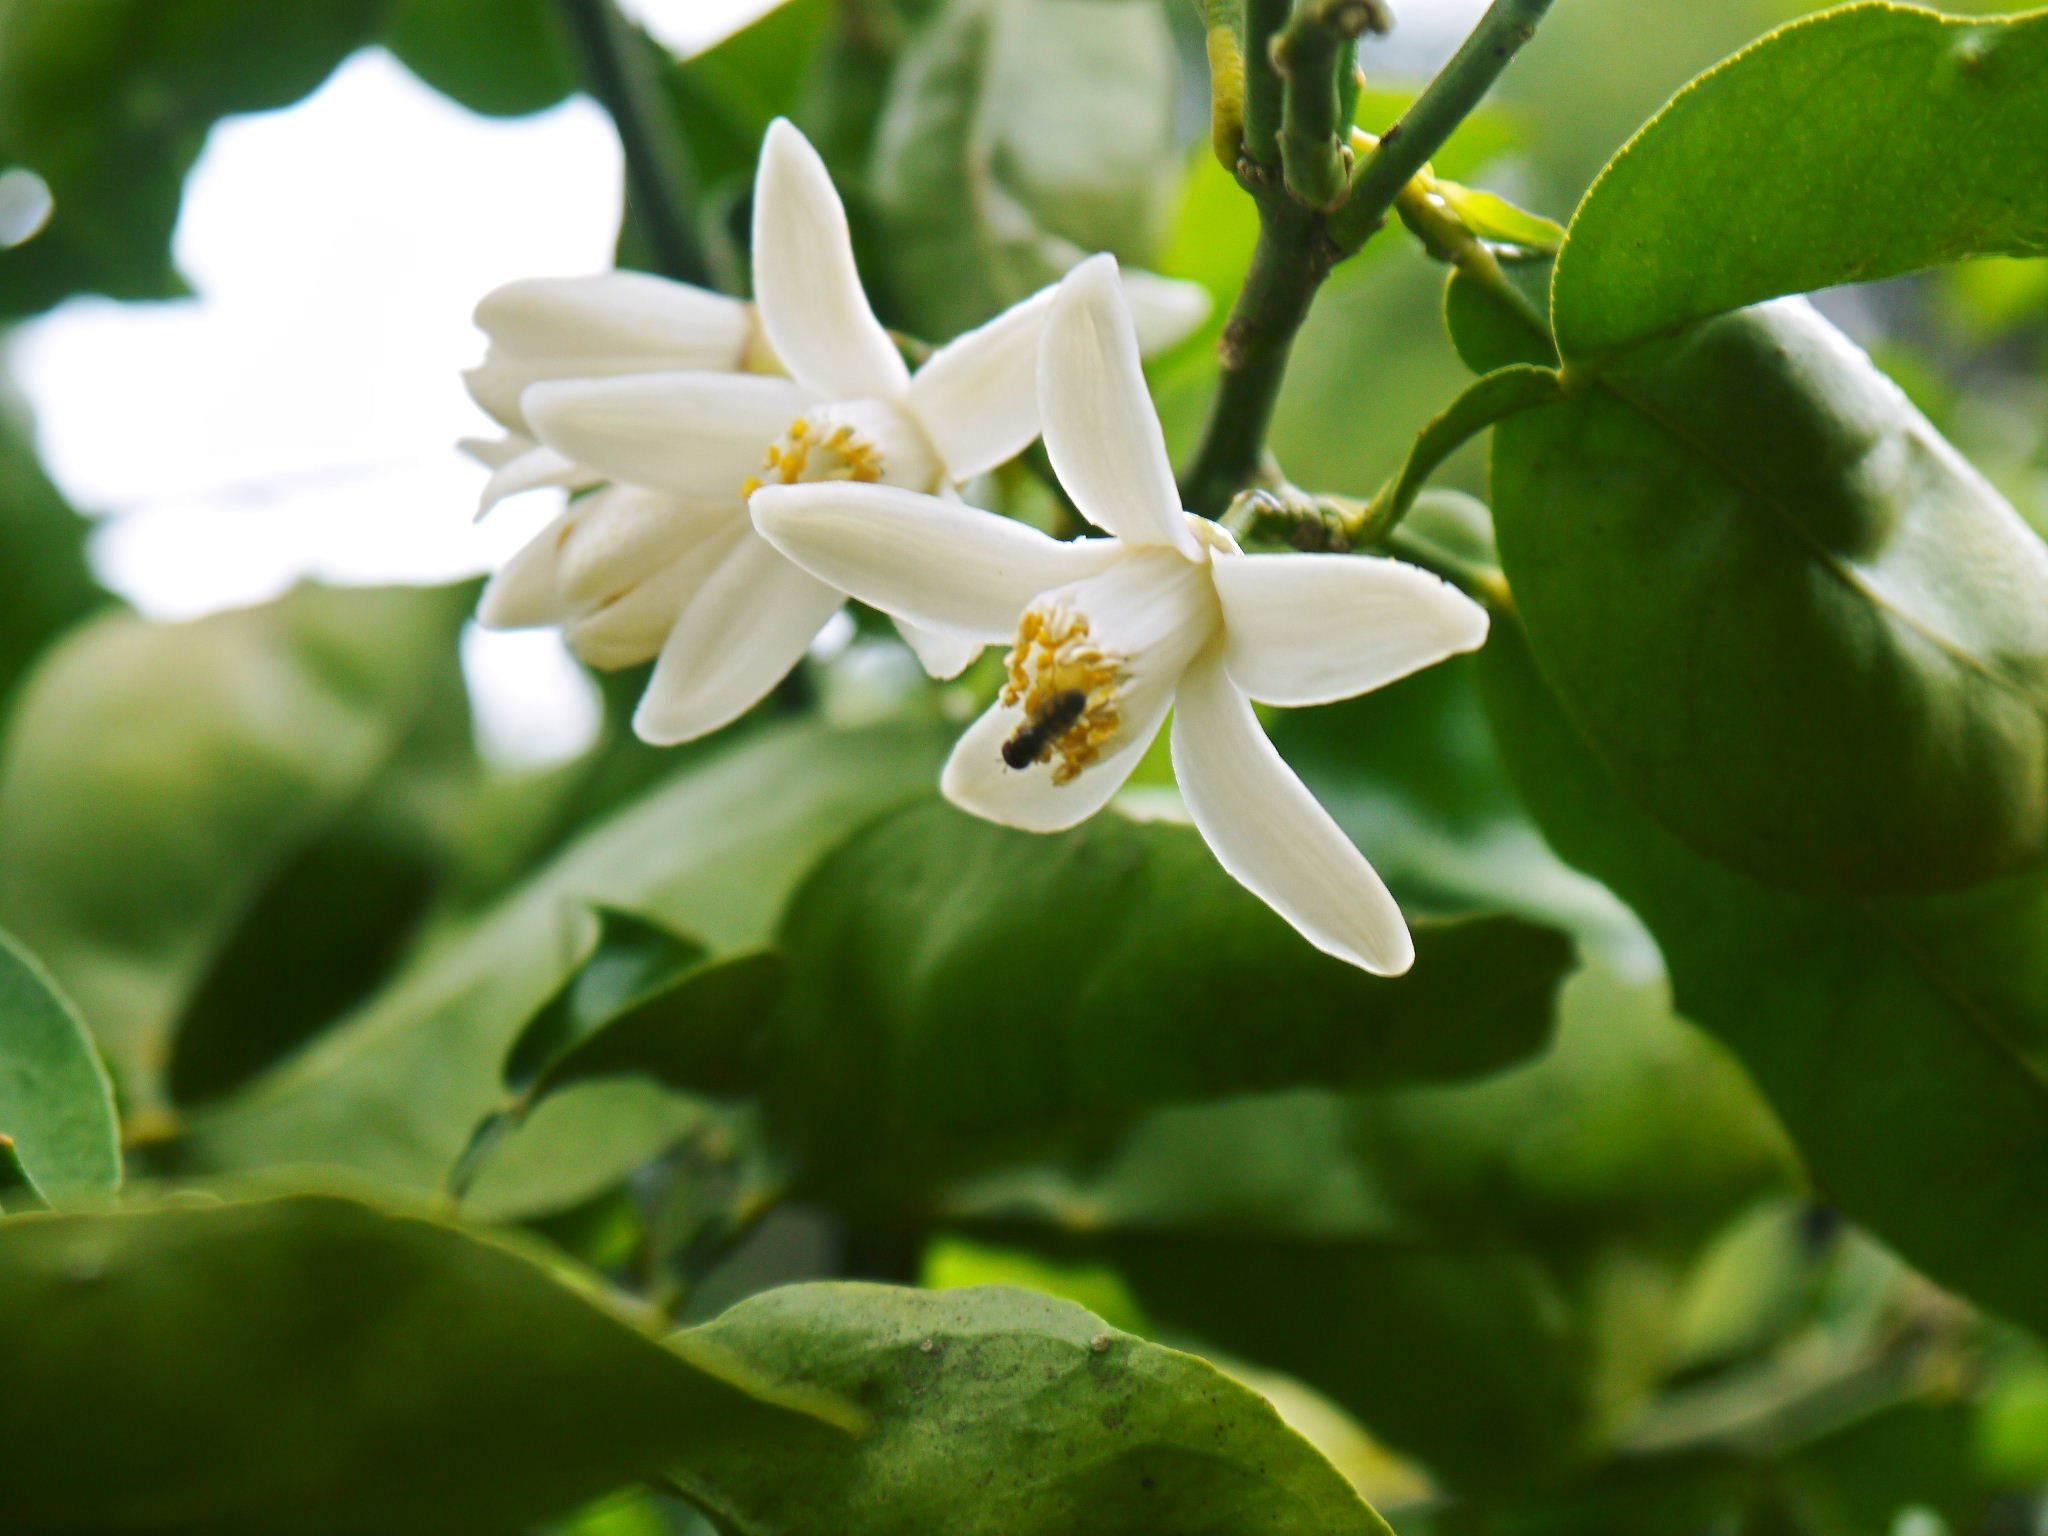 種なしかぼす 花咲く様子(2020) 今年は花が少なくその分玉太りは良いですが収量は激減しそうです!_a0254656_18255163.jpg